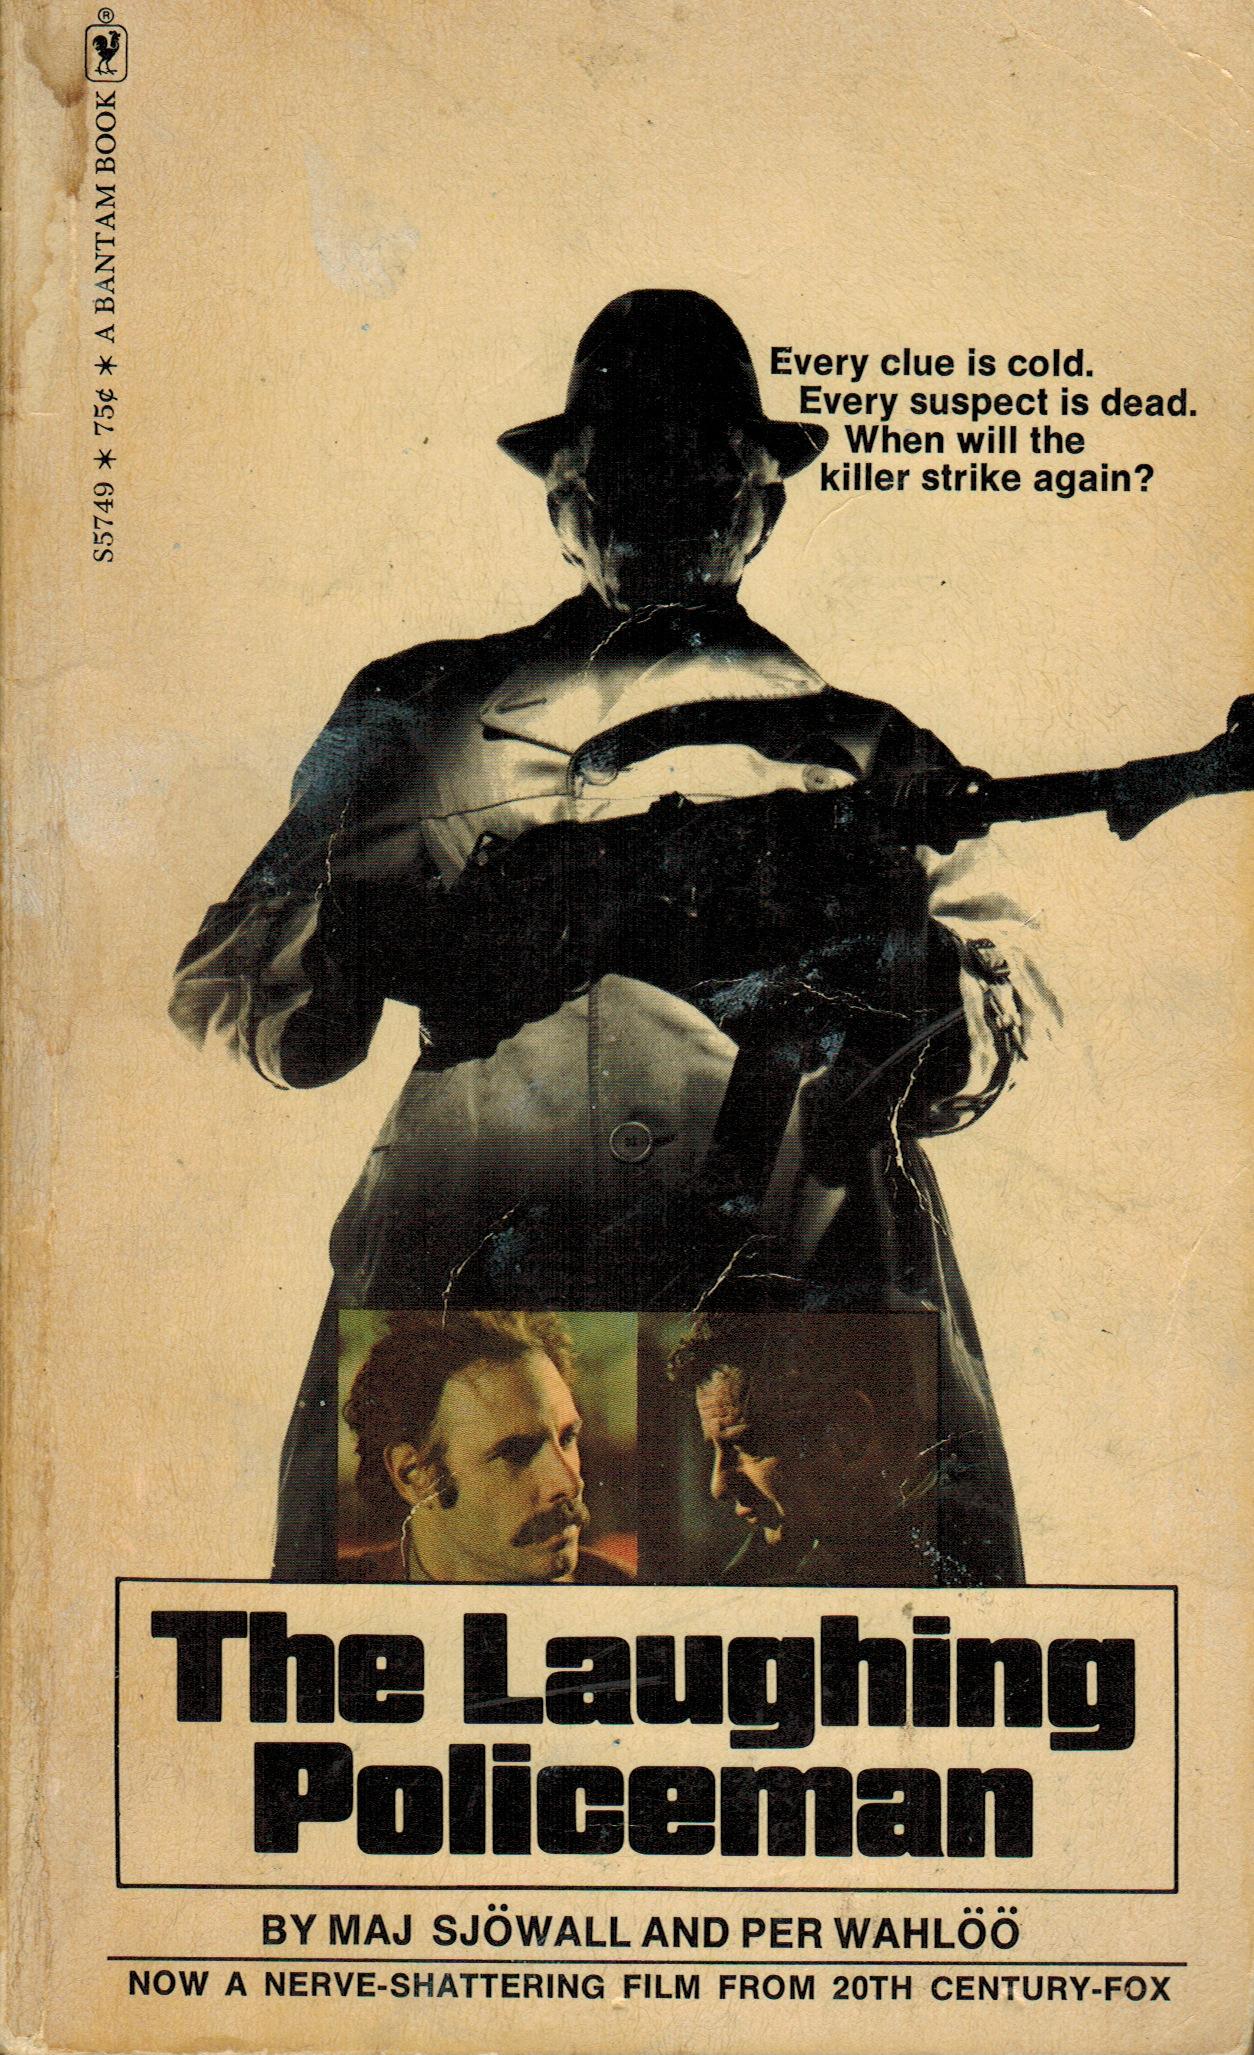 The-Laughing-Policeman-Bantam-1974.jpg